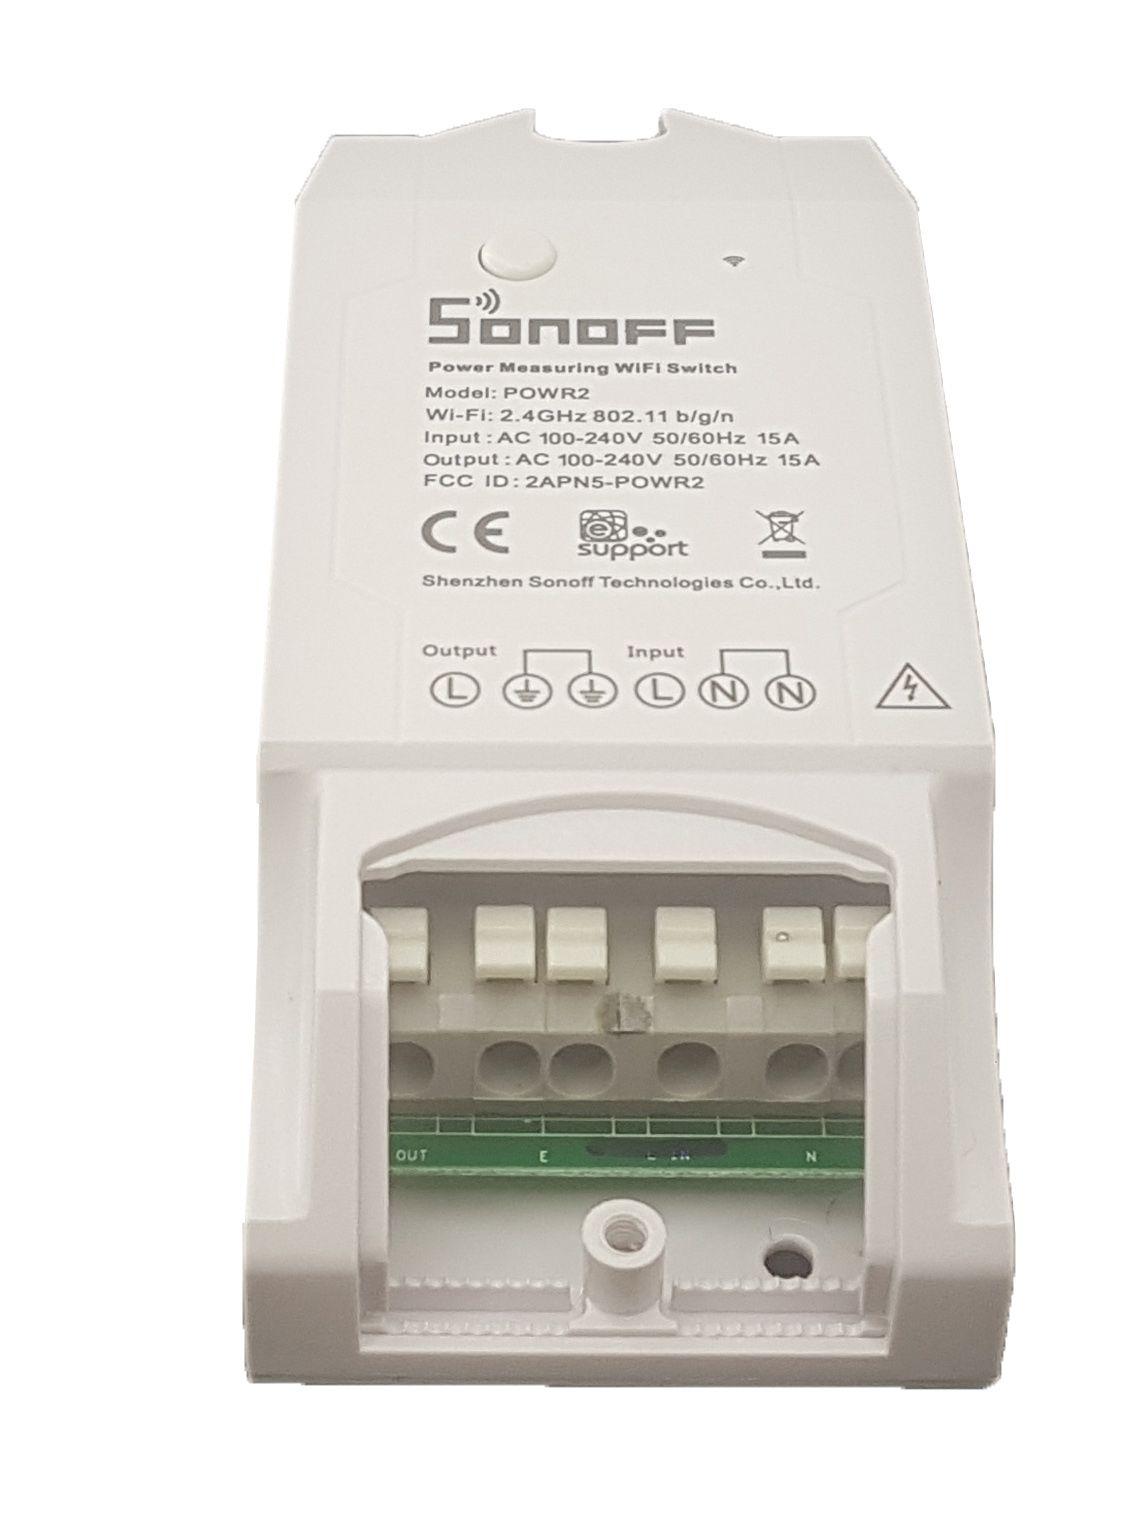 Sonoff POW R2 Interruptor Wifi (Medidor de Energia)